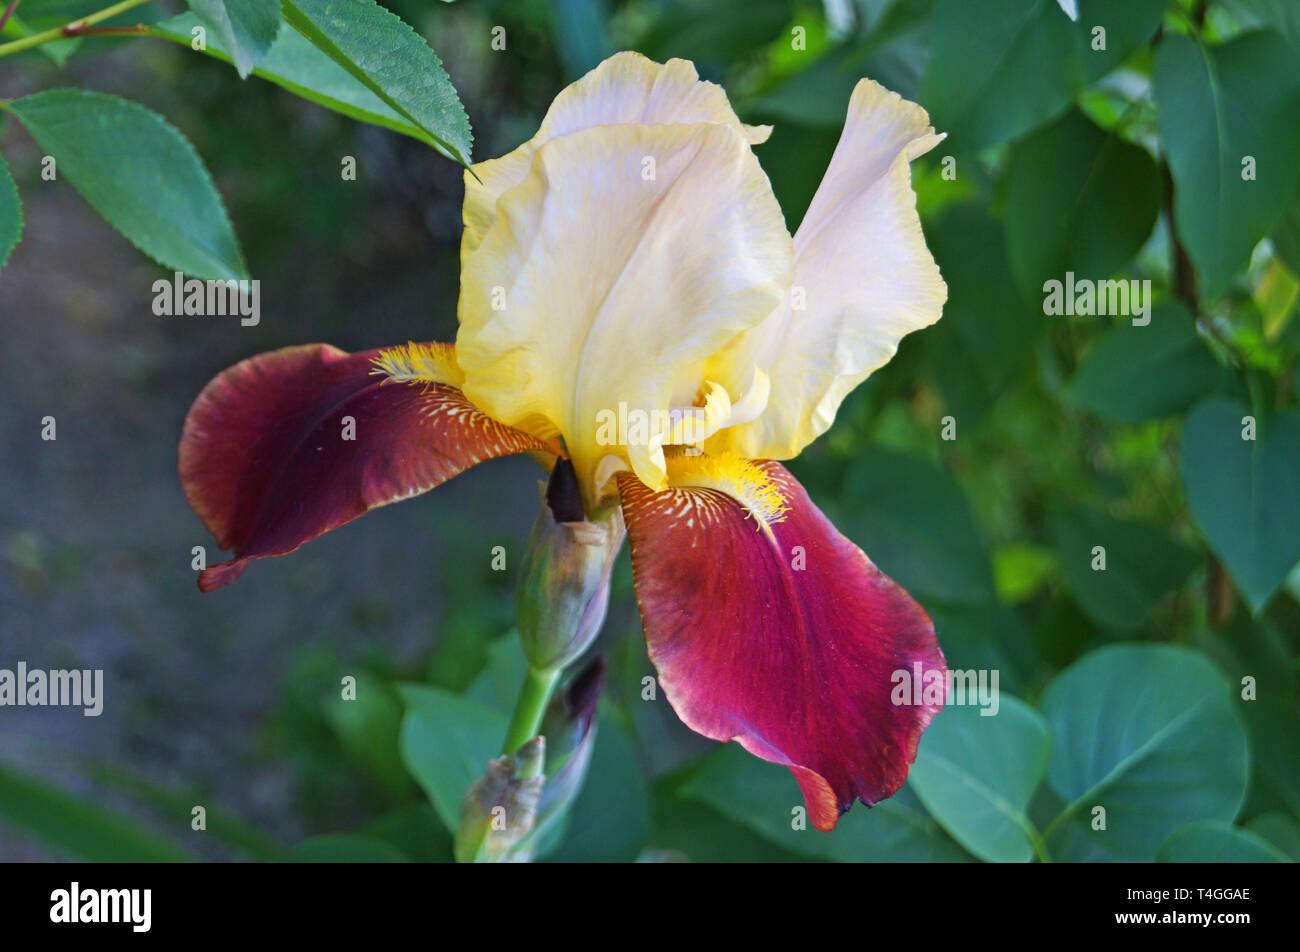 Iris con flor de color morado, blanco y pétalos amarillos en un tallo verde en un día de verano Foto de stock